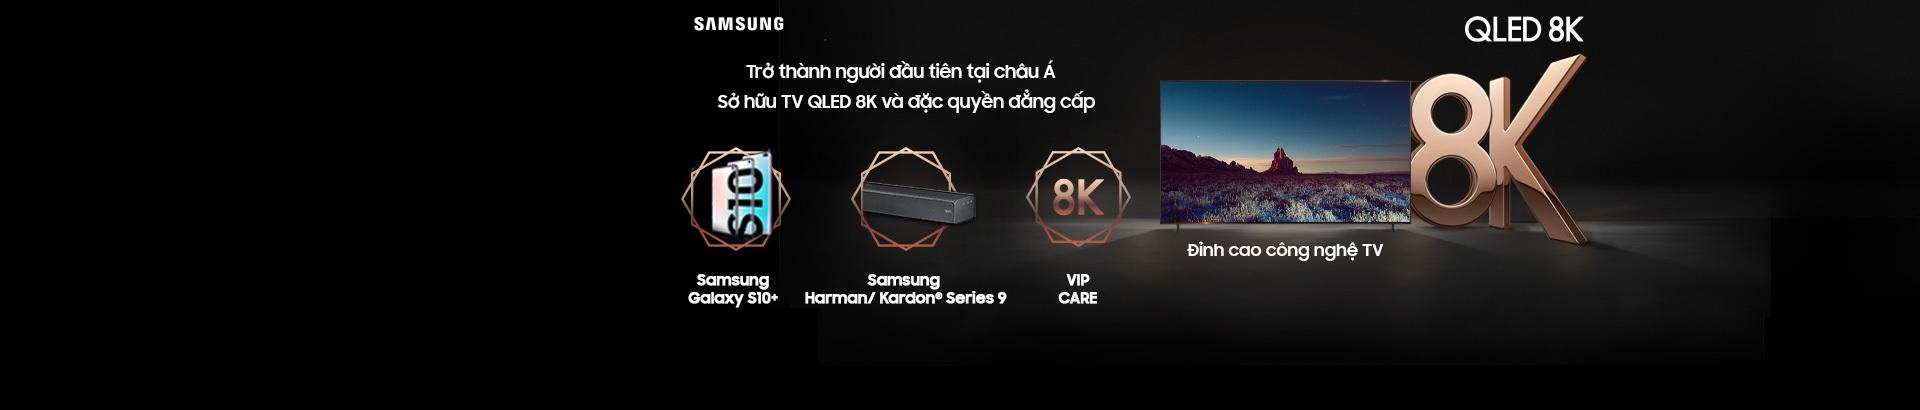 Tivi Samsung QLED 8K - Nhận ngay khuyến mãi hấp dẫn